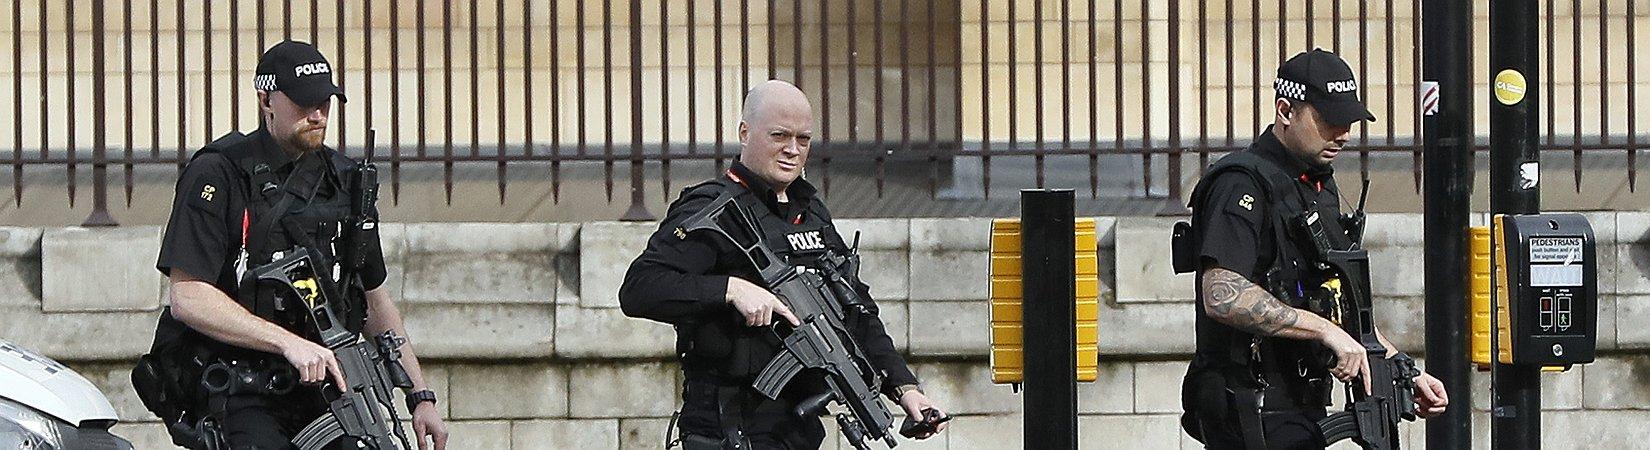 La policía británica detiene a 7 personas tras el ataque en Londres